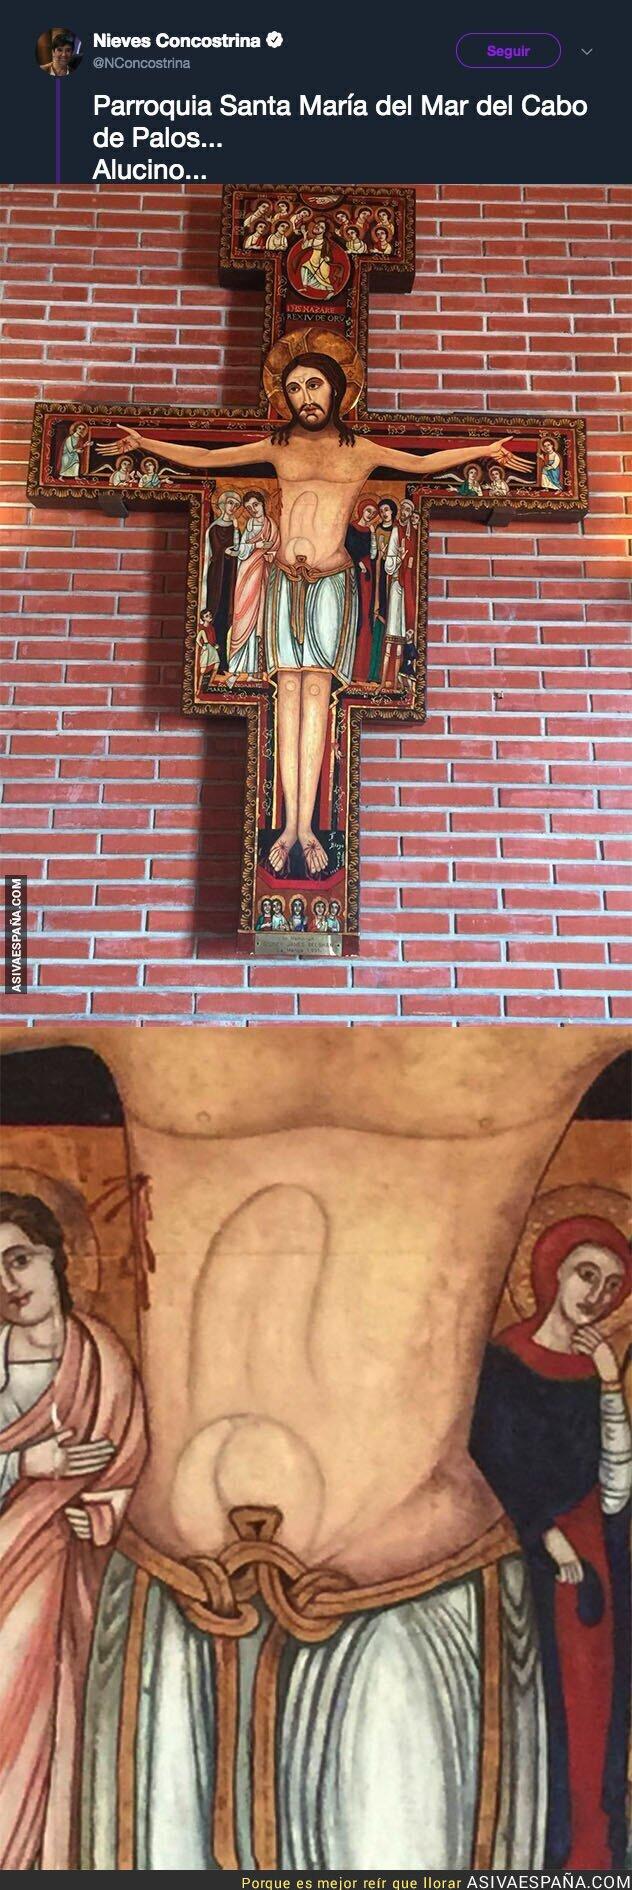 90900 - El detalle de los abdominales de este Cristo en la iglesia del Cabo de Palos que está indignando a mucha gente